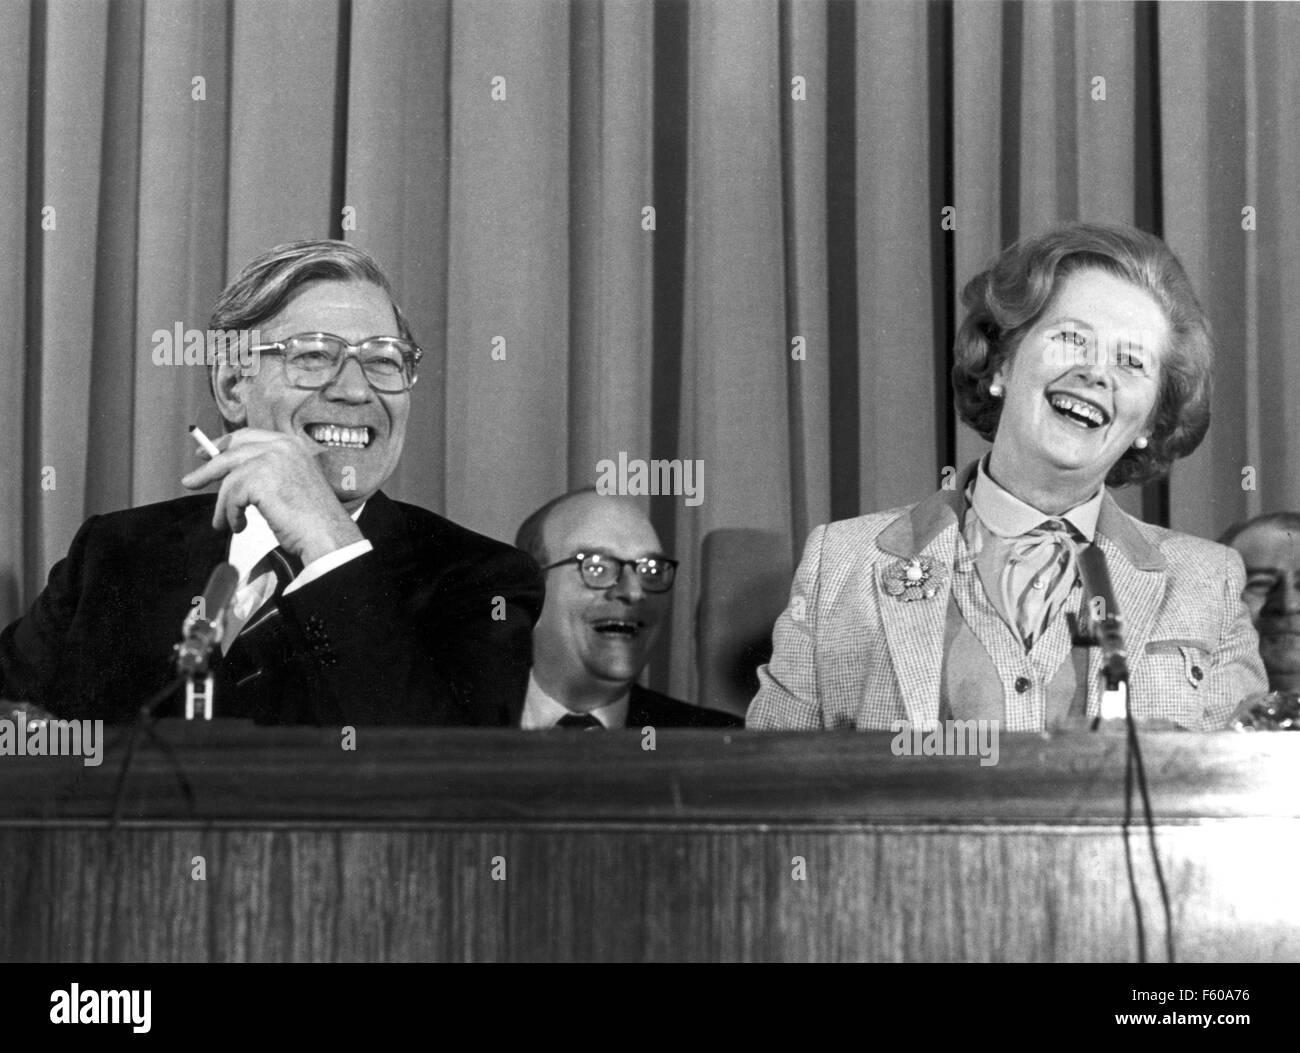 Le chancelier Helmut Schmidt (L) et le Premier ministre britannique Margaret Thatcher sont de bonne humeur au cours d'une conférence de presse à la fin de la visite de deux jours de Schmidt à Londres le 11 mai 1979. Banque D'Images